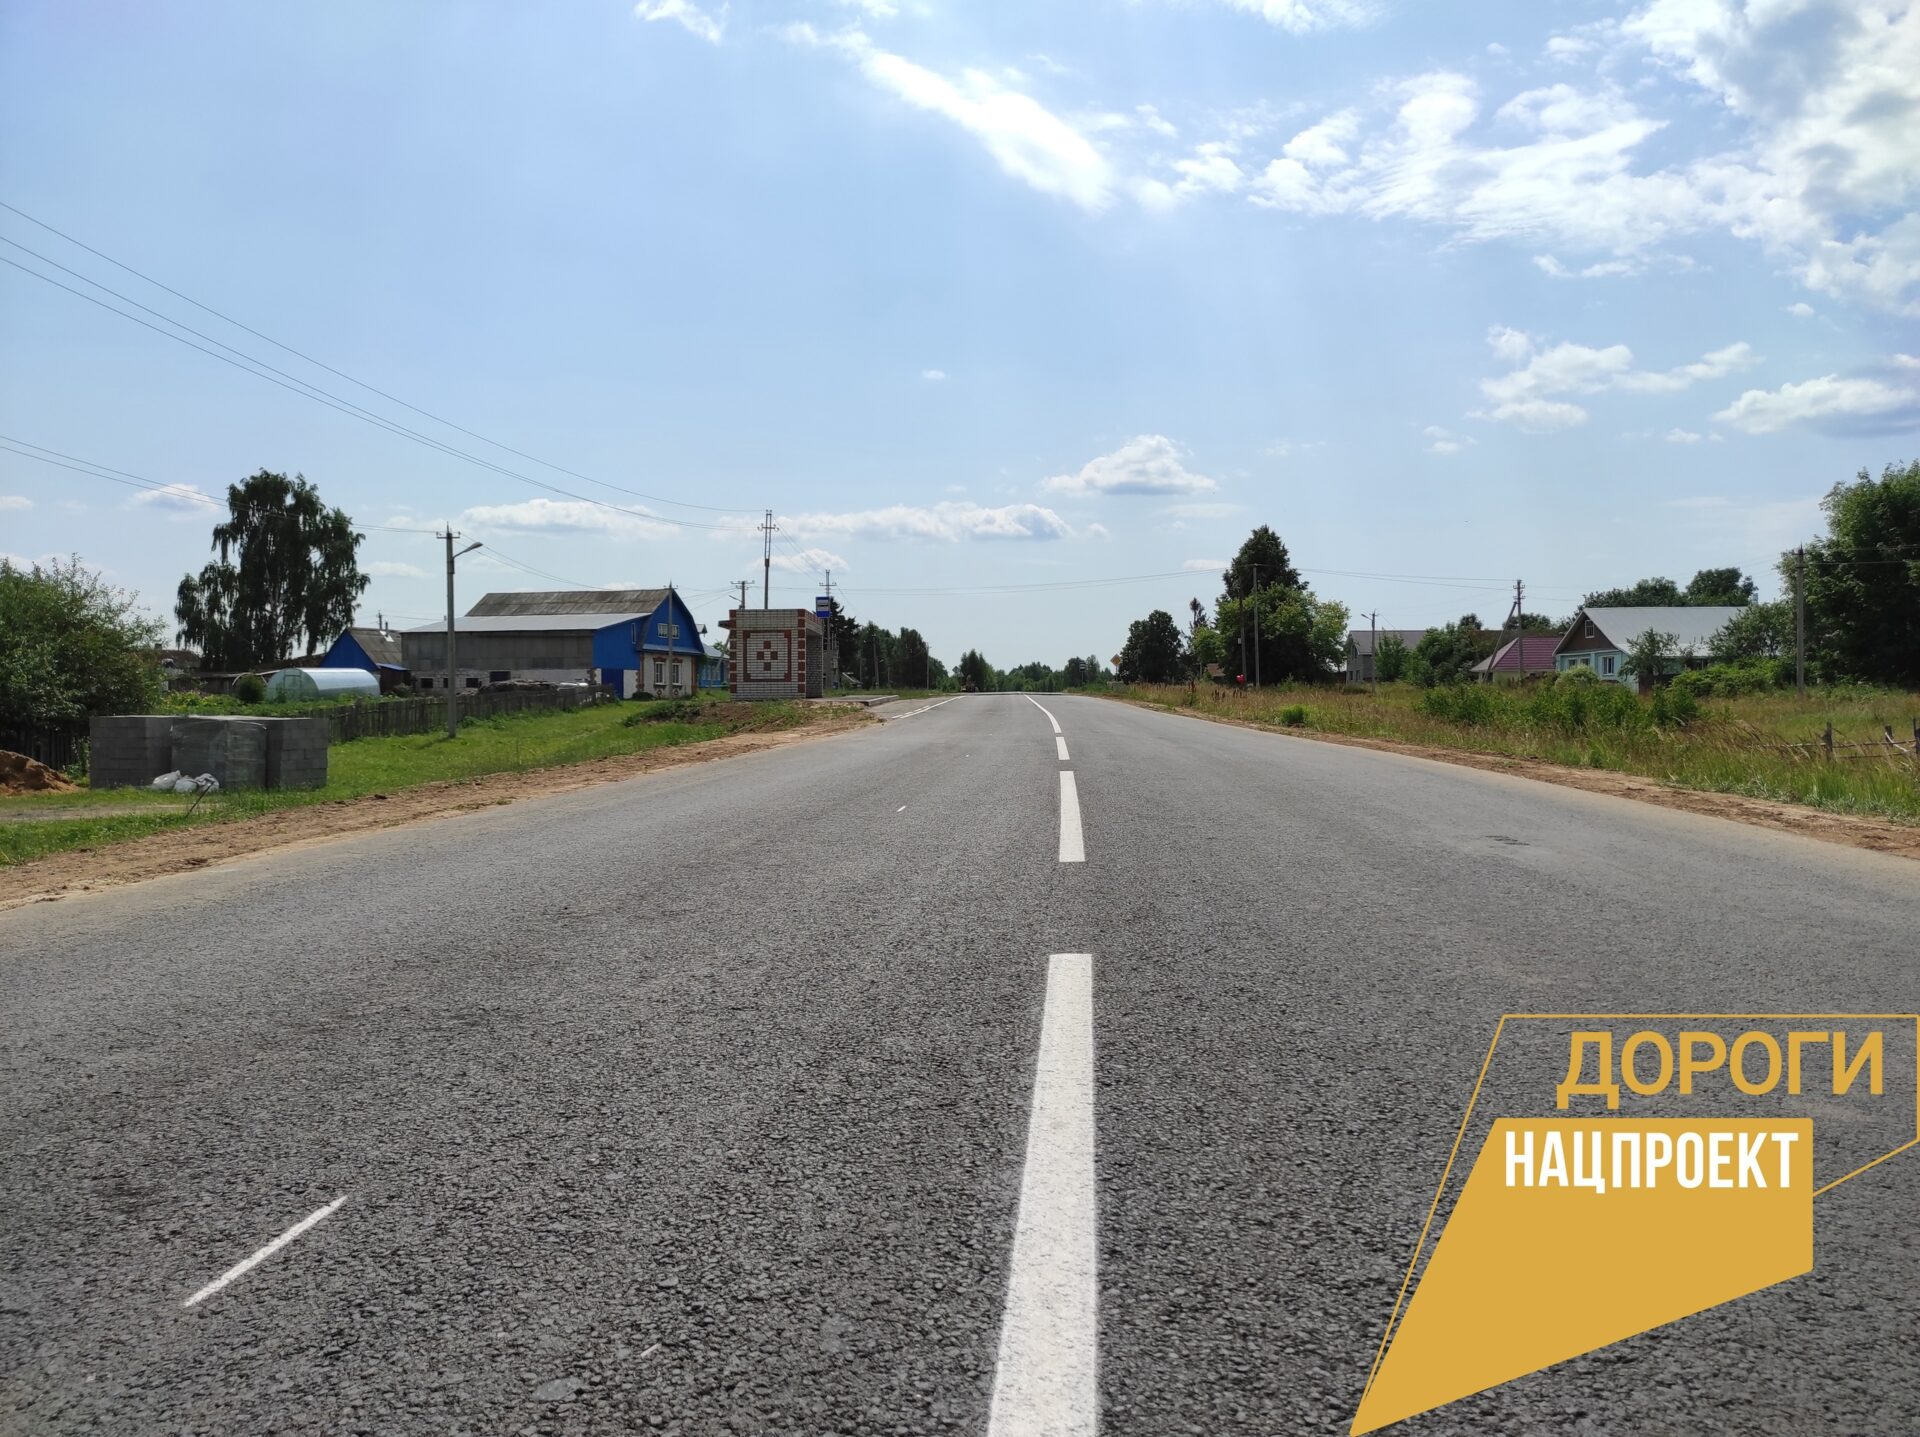 В Марий Эл на 4,2 км отремонтированных дорог стало больше